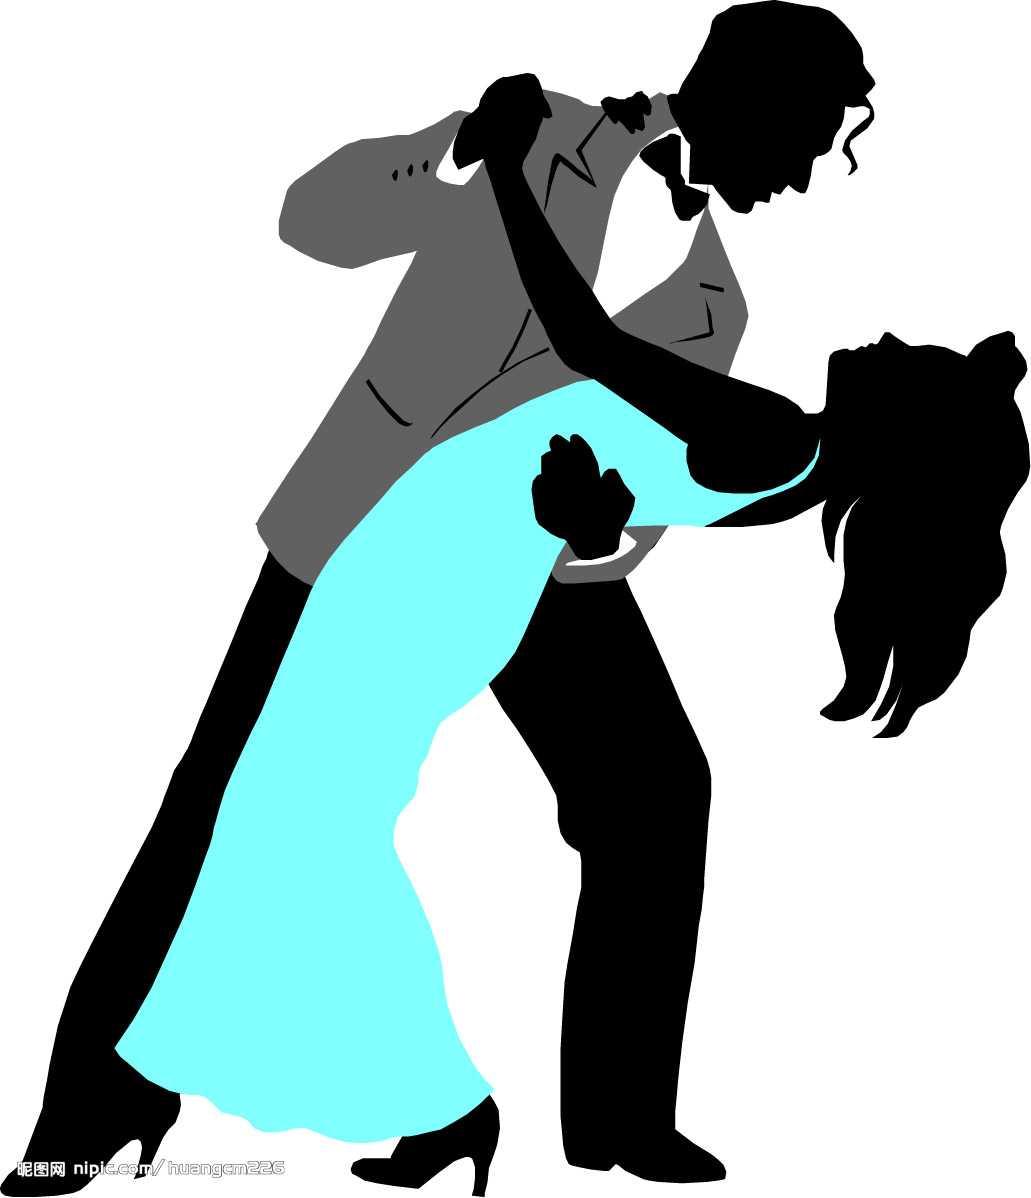 交谊舞下腰造型特点